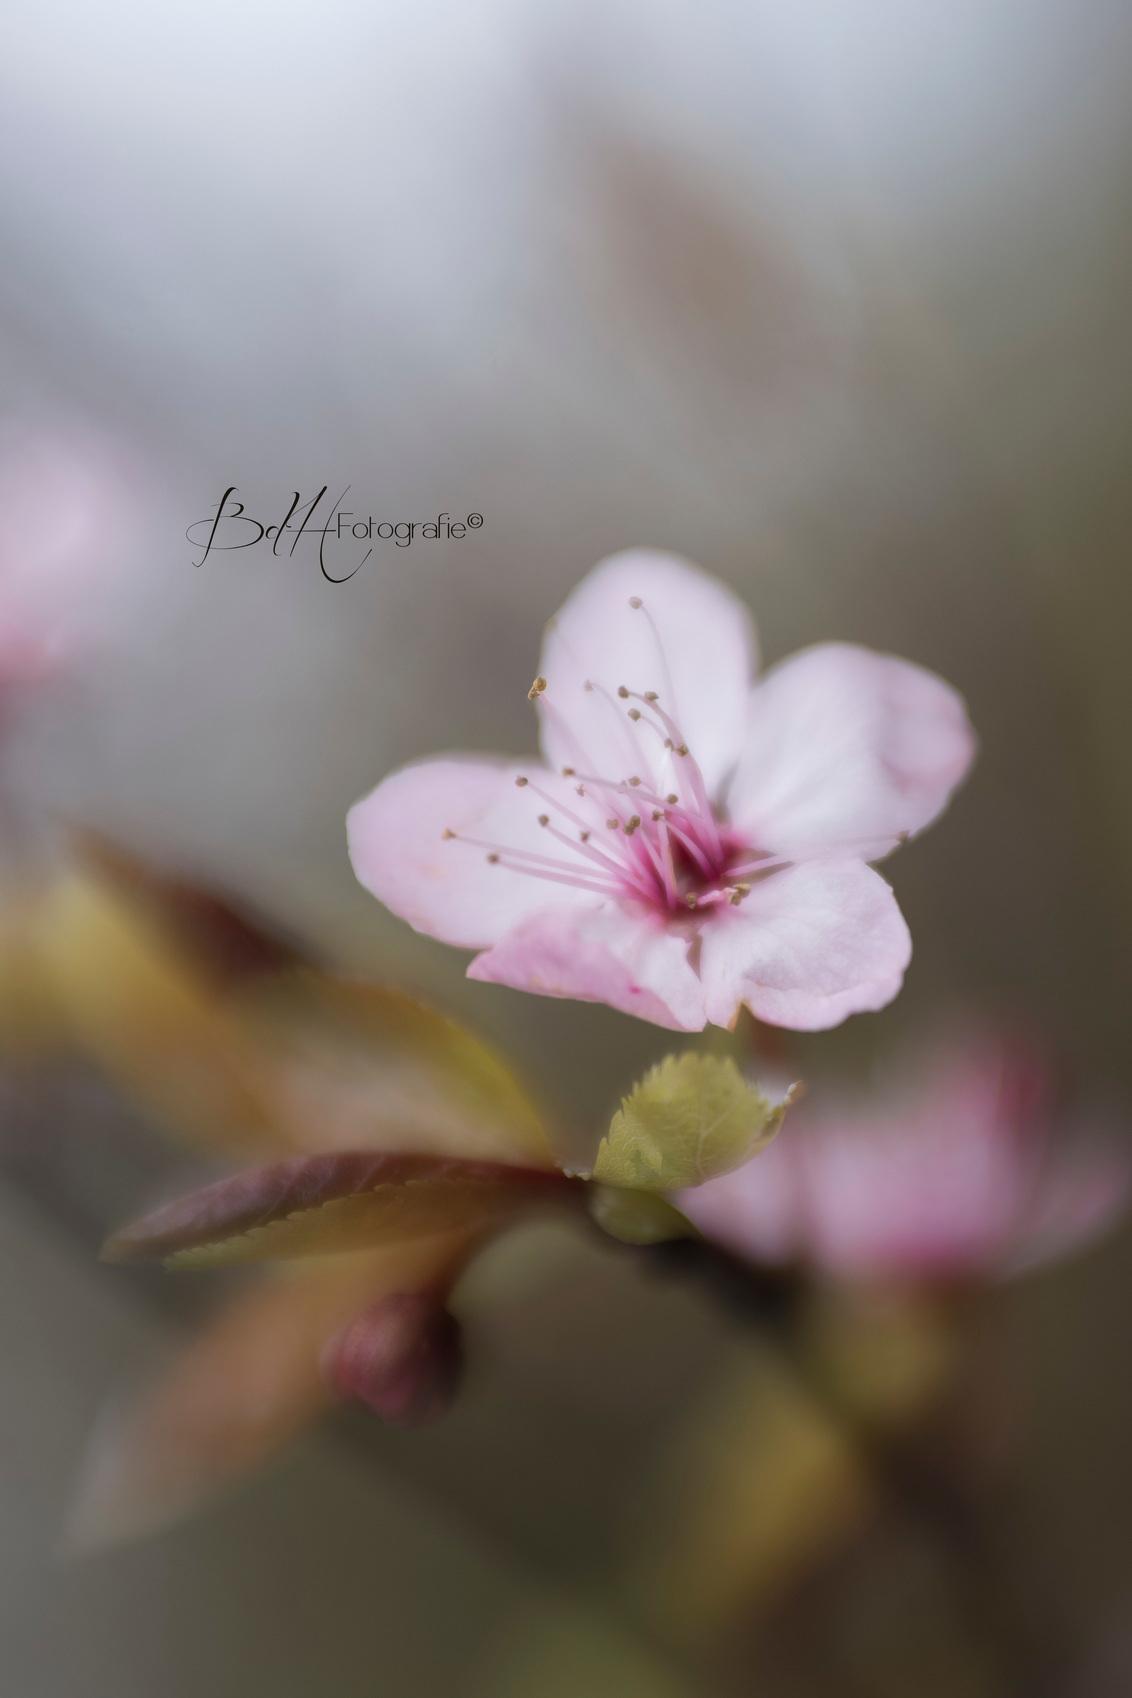 Painted - Hoewel ik dit lensje niet heel vaak gebruik ben ik toch blij verrast met het resultaat. Ik ga haar vaker op mijn camera zetten. Beloofd! Houden jull - foto door BiancadH op 07-04-2020 - deze foto bevat: roze, macro, bloem, lente, natuur, bruin, licht, tuin, wind, voorjaar, bloesem, lensbaby, scherptediepte, dof, statief, bokeh, velvet56